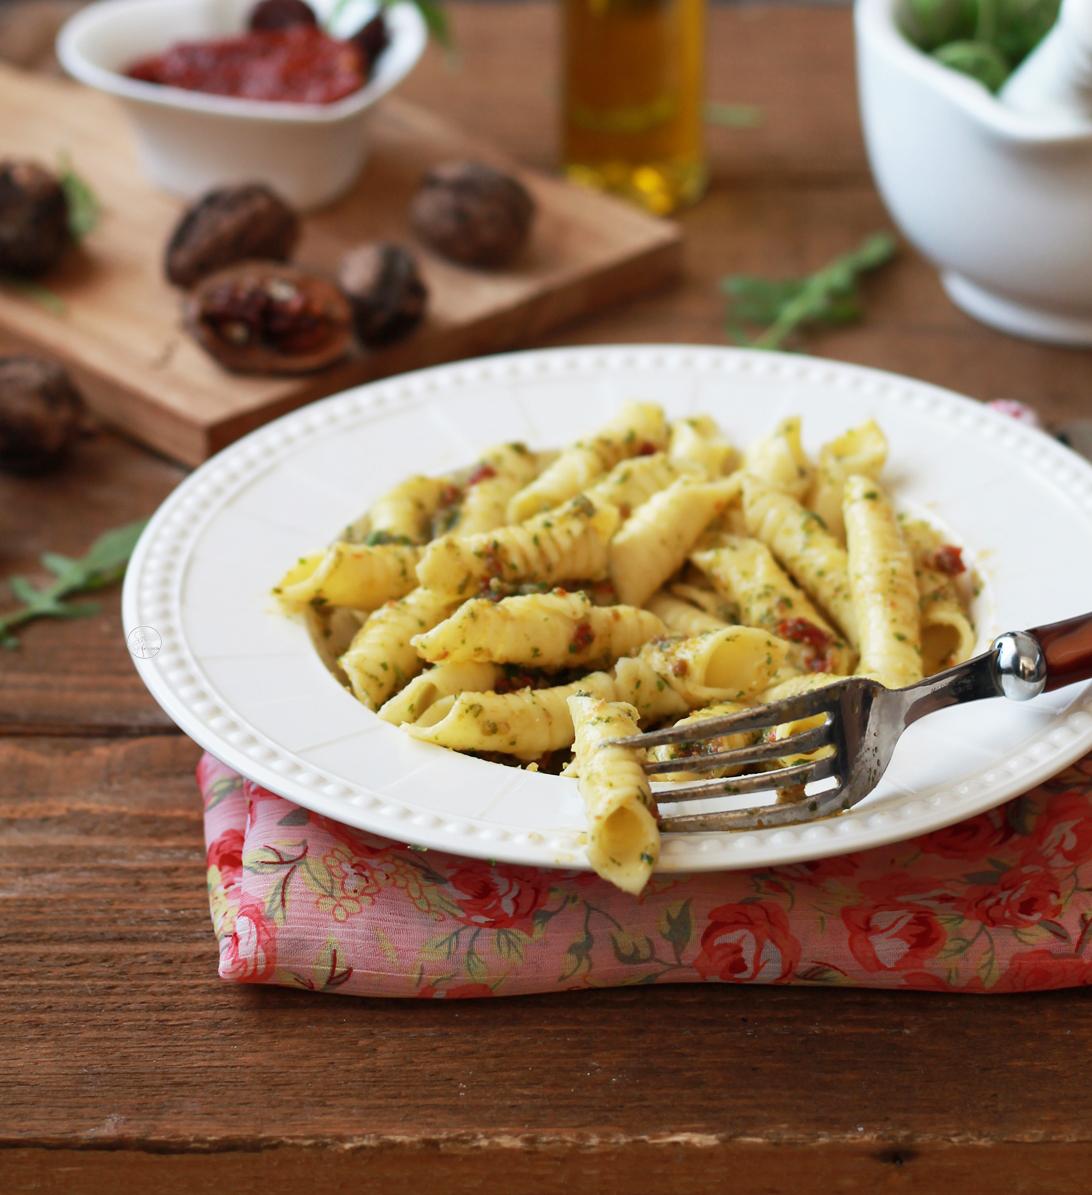 Pâtes aux œufs sans gluten avec pesto de roquette - La Cassata Celiaca